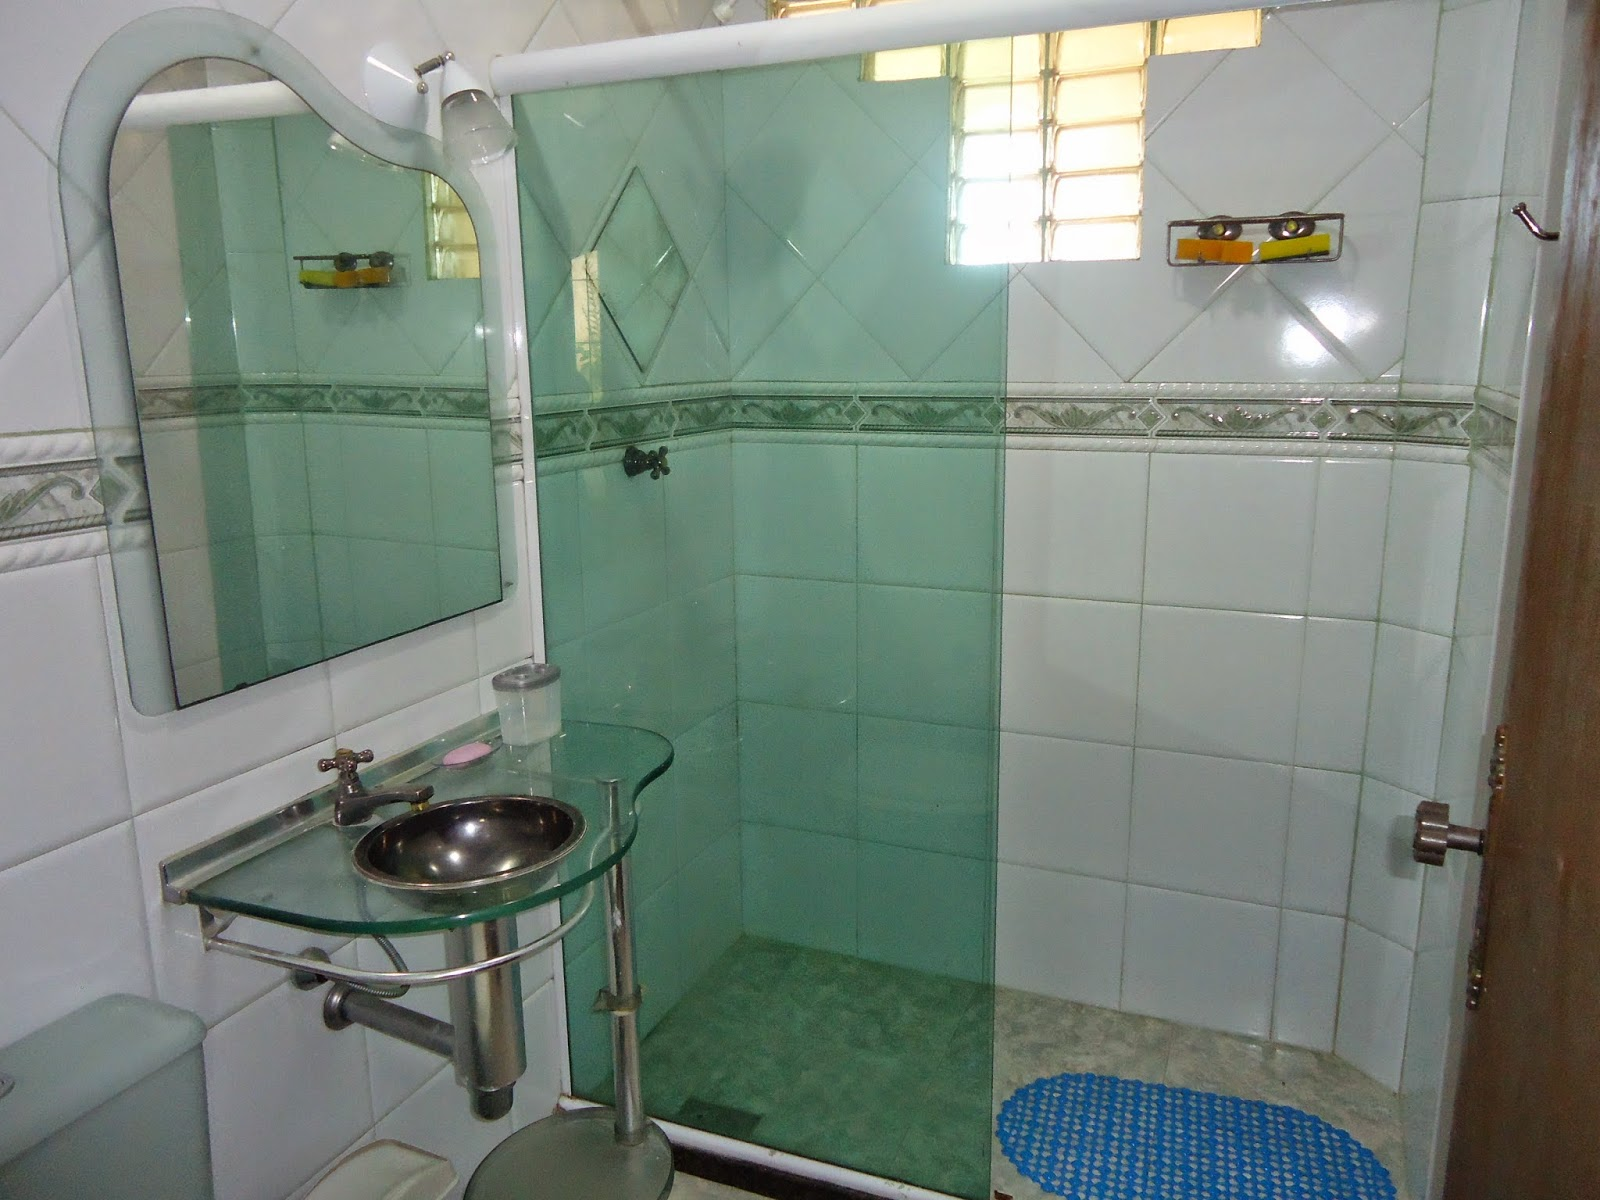 VILA DO SOSSEGO: VILA DO SOSSEGO CASA 2 Térrea 03 quartos (acomoda  #1B4C78 1600 1200